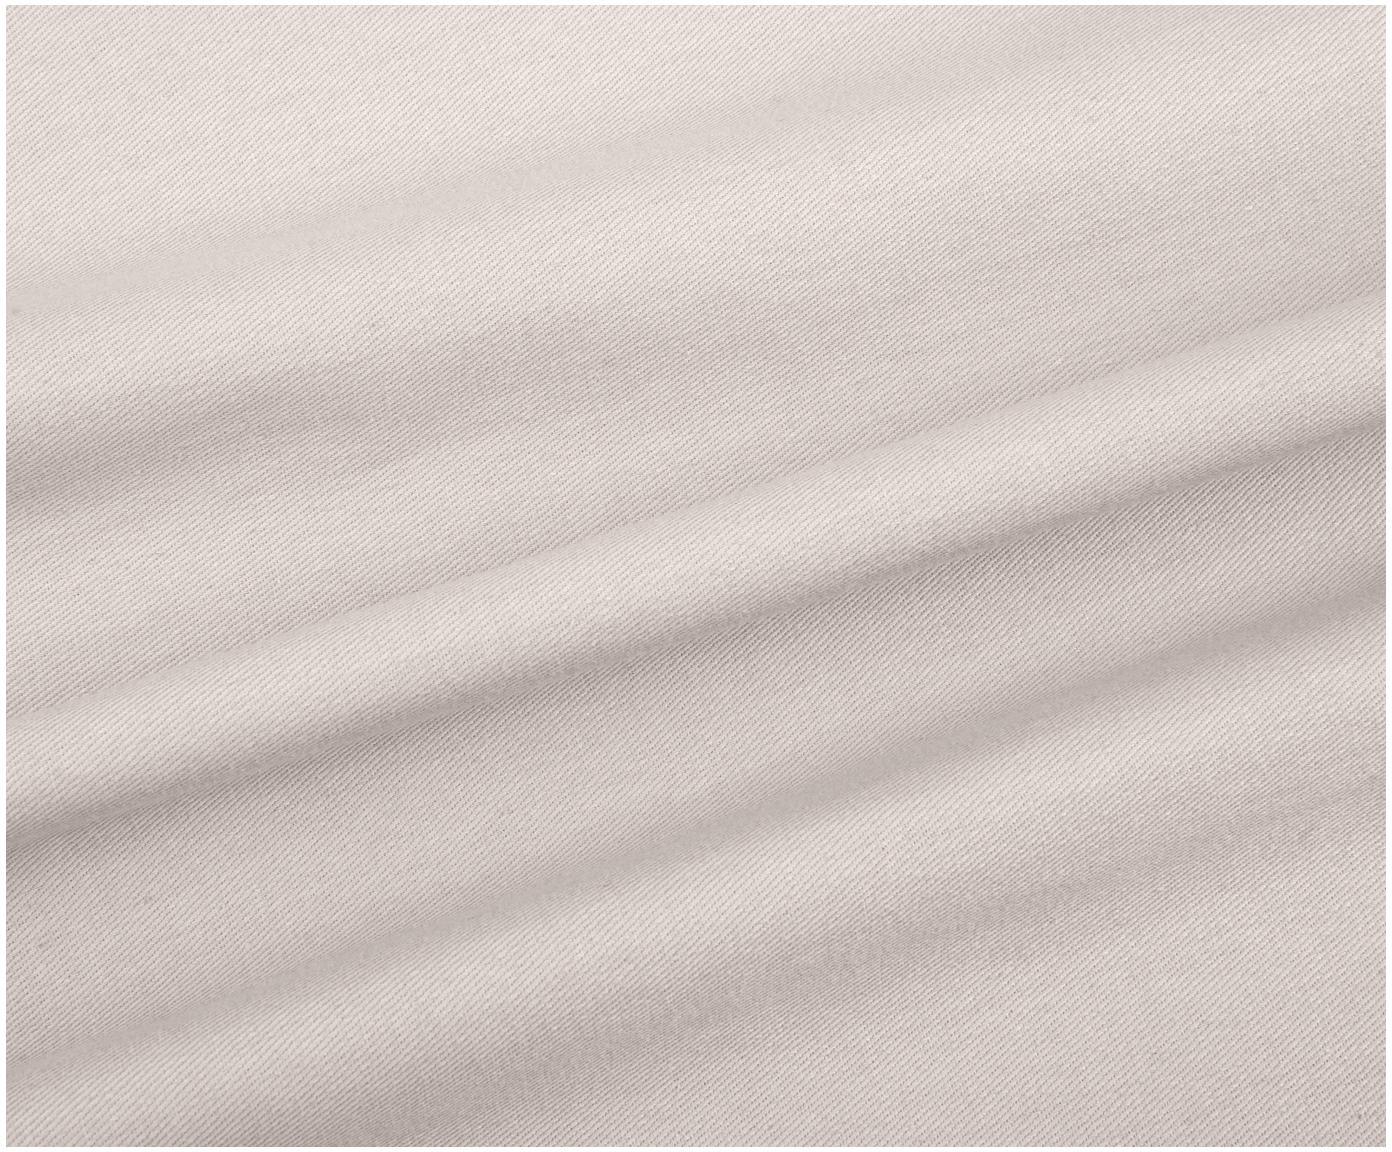 Kussenhoes Mads, 100% katoen, Beige, 40 x 40 cm